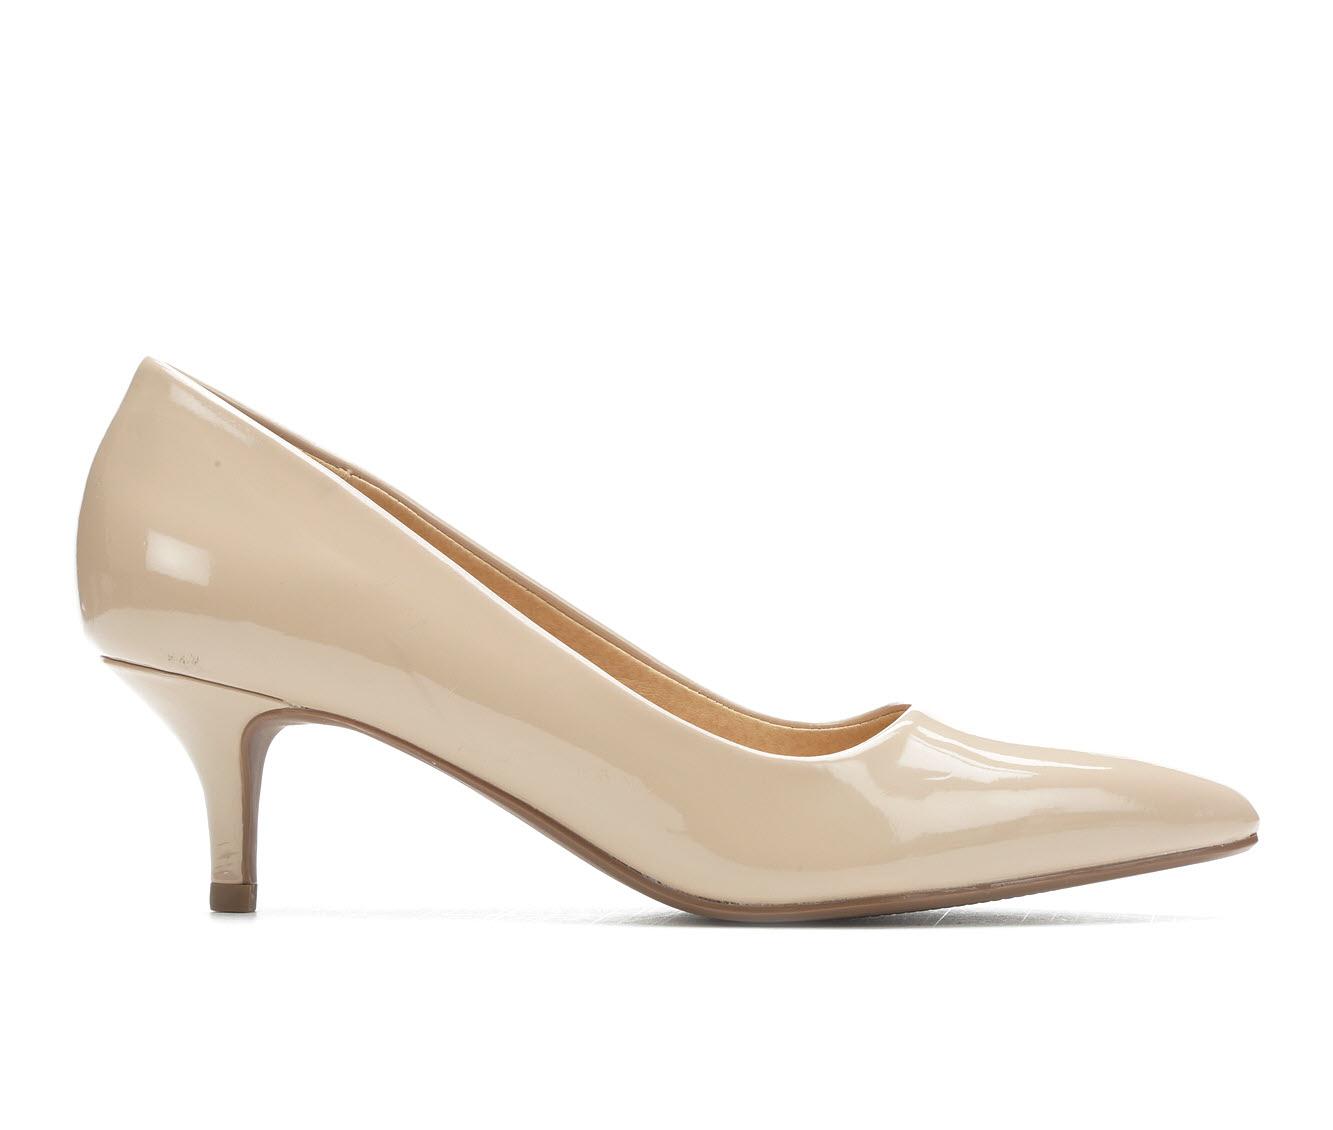 City Classified Hailey Women's Dress Shoe (Beige Faux Leather)